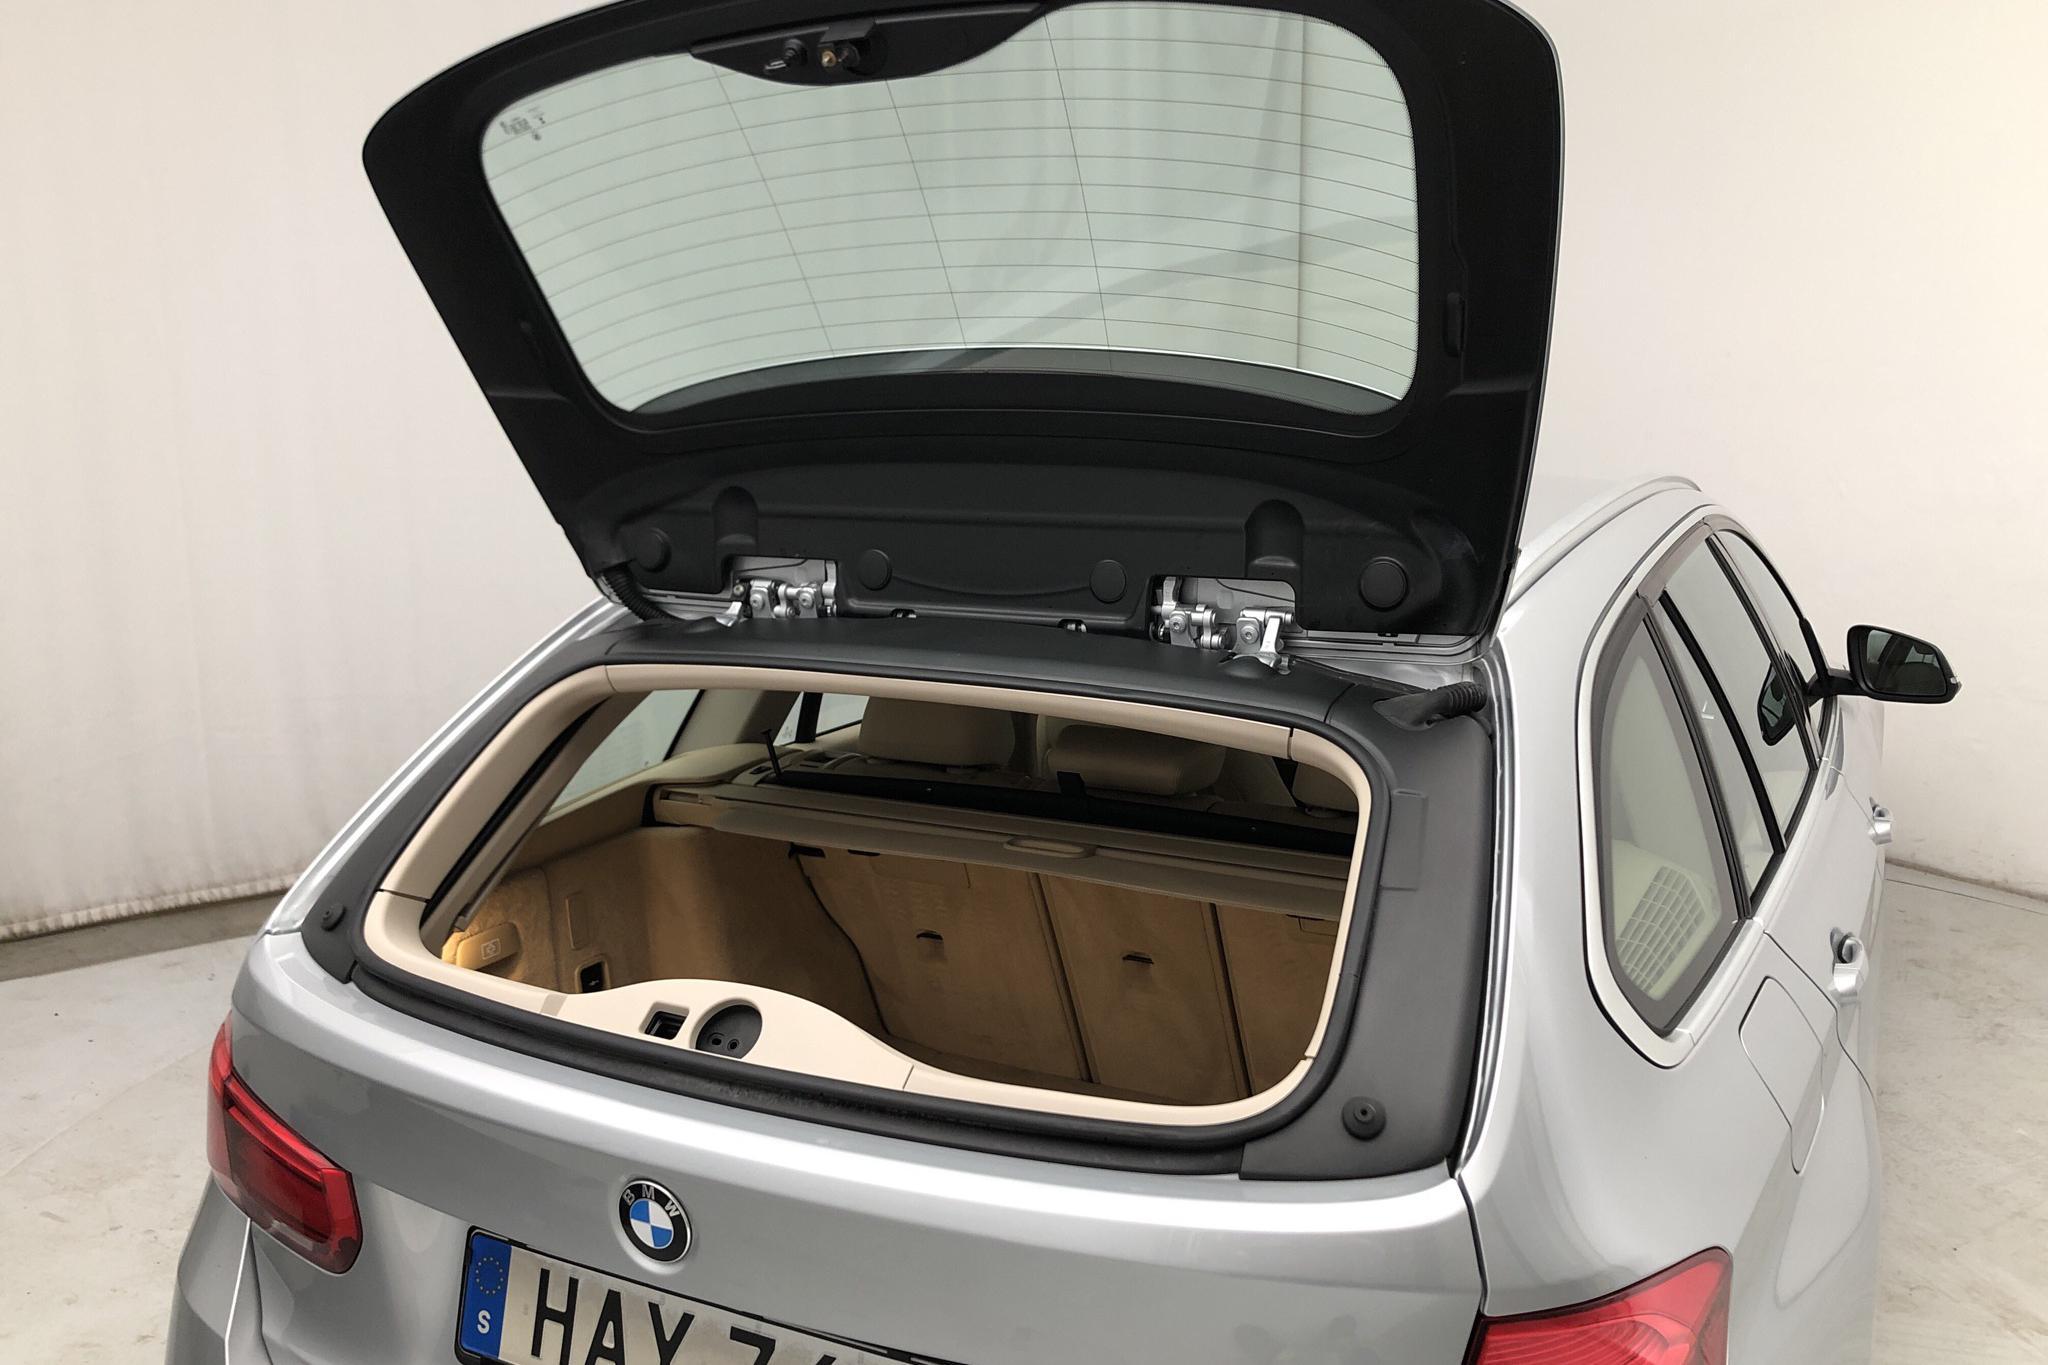 BMW 320d xDrive Touring, F31 (190hk) - 85 250 km - Manual - silver - 2016